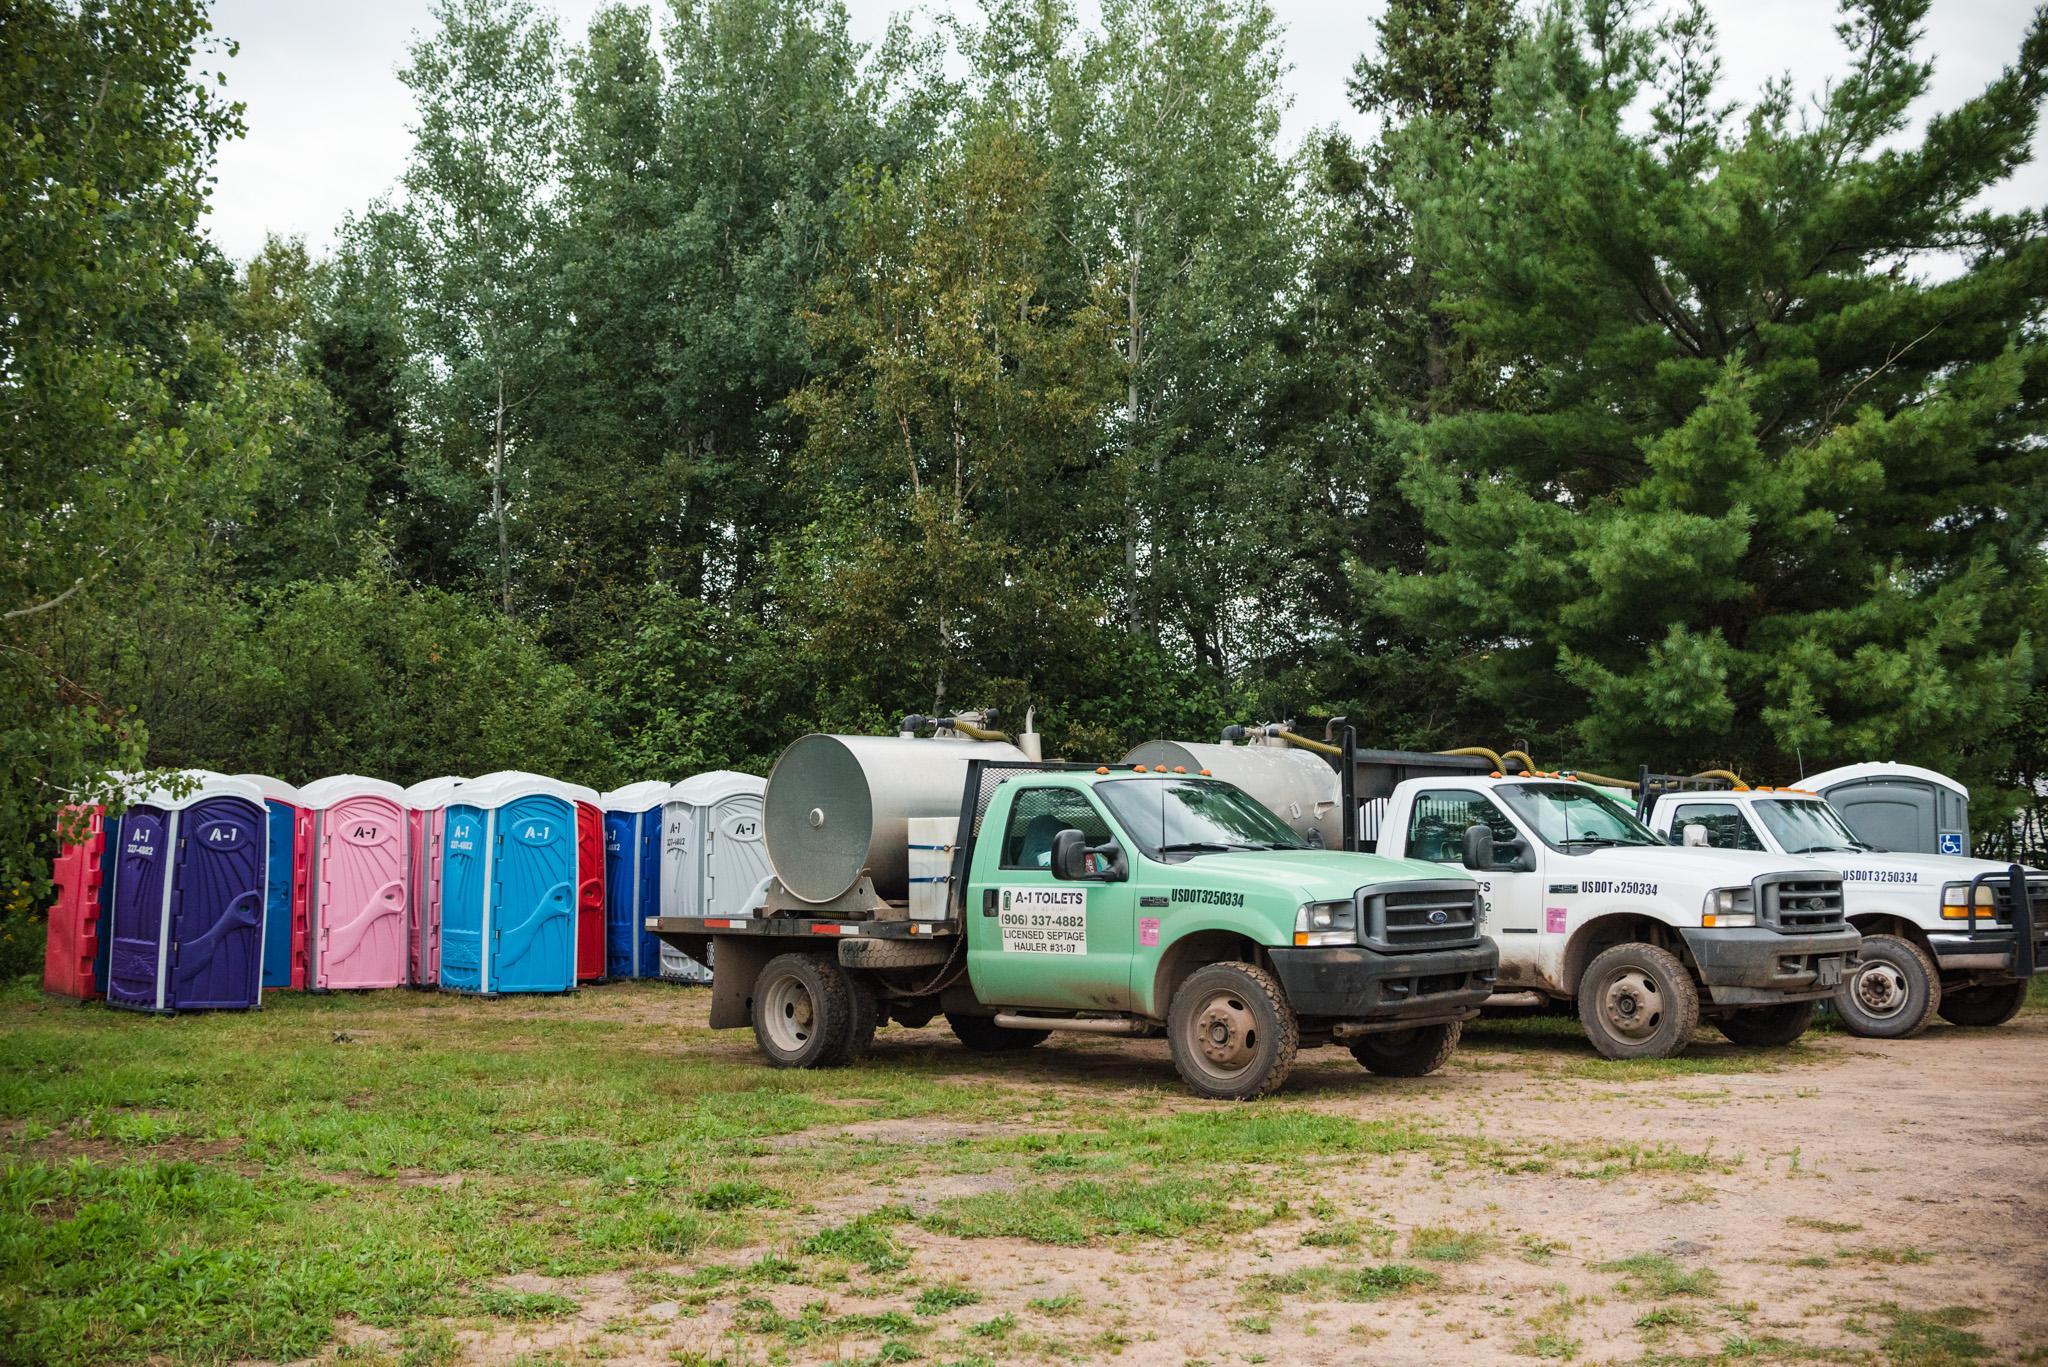 A-1 Toilets Upper Peninsula